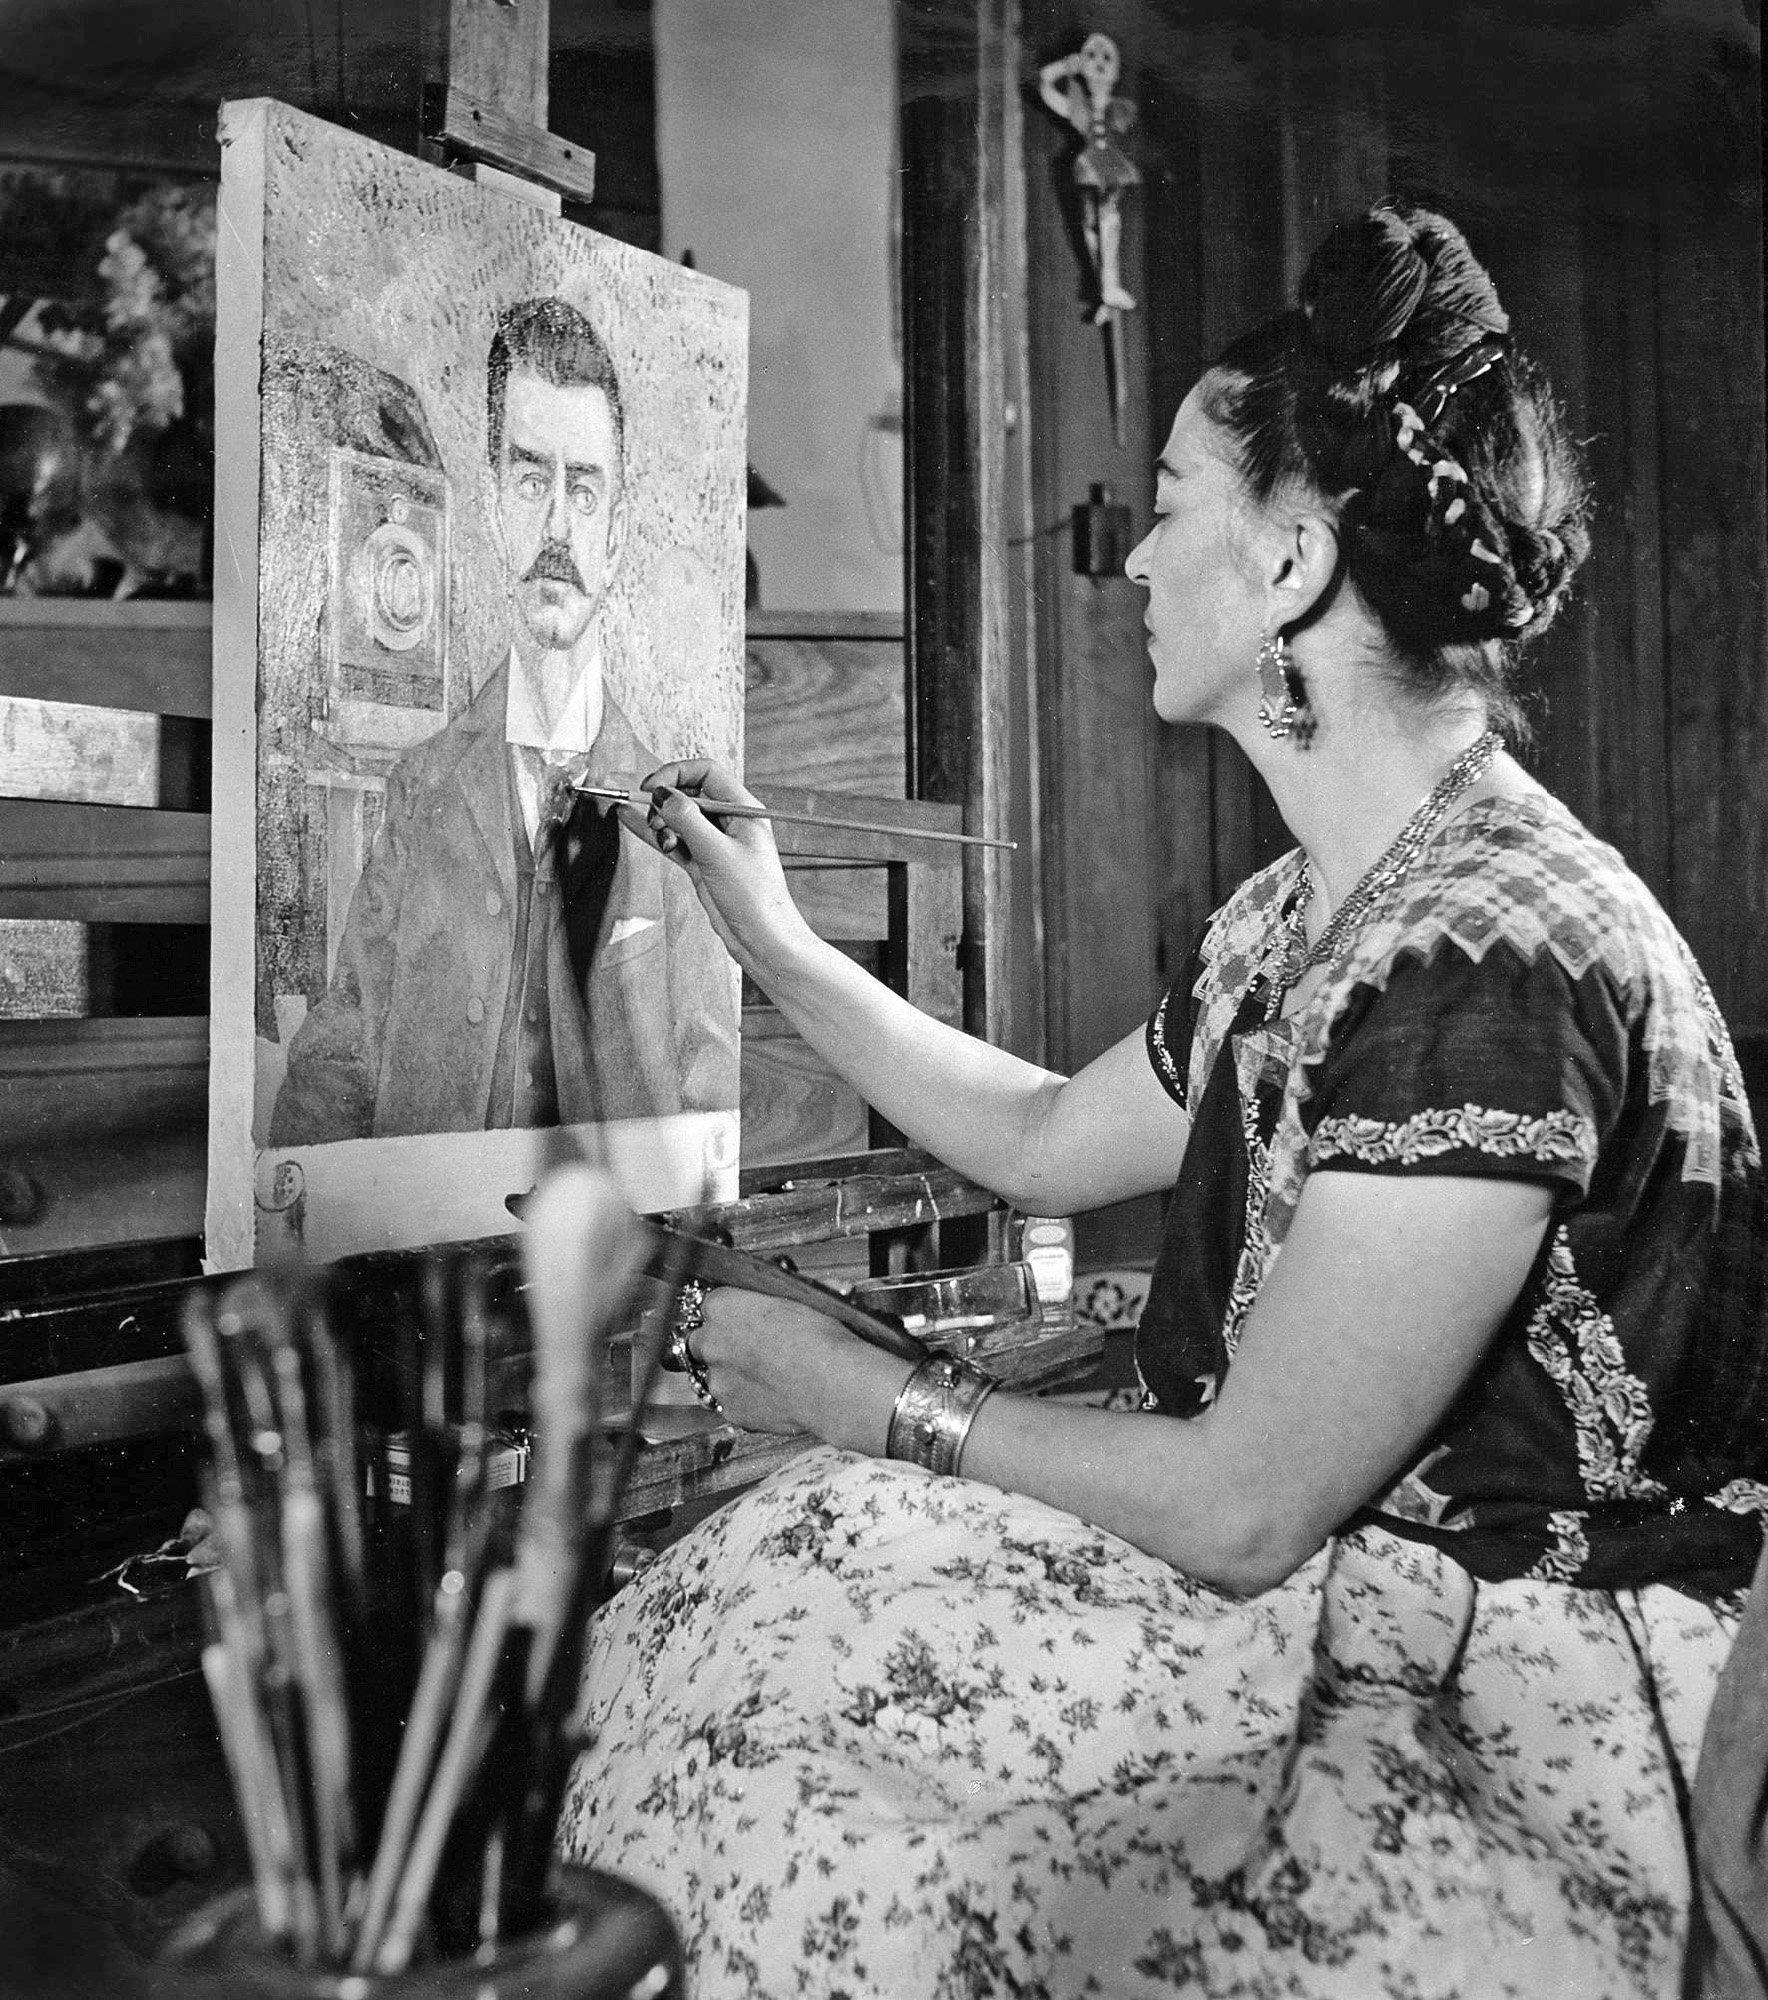 Una frida kahlo diferente se muestra en una exposici n de for Cuartos decorados de frida kahlo